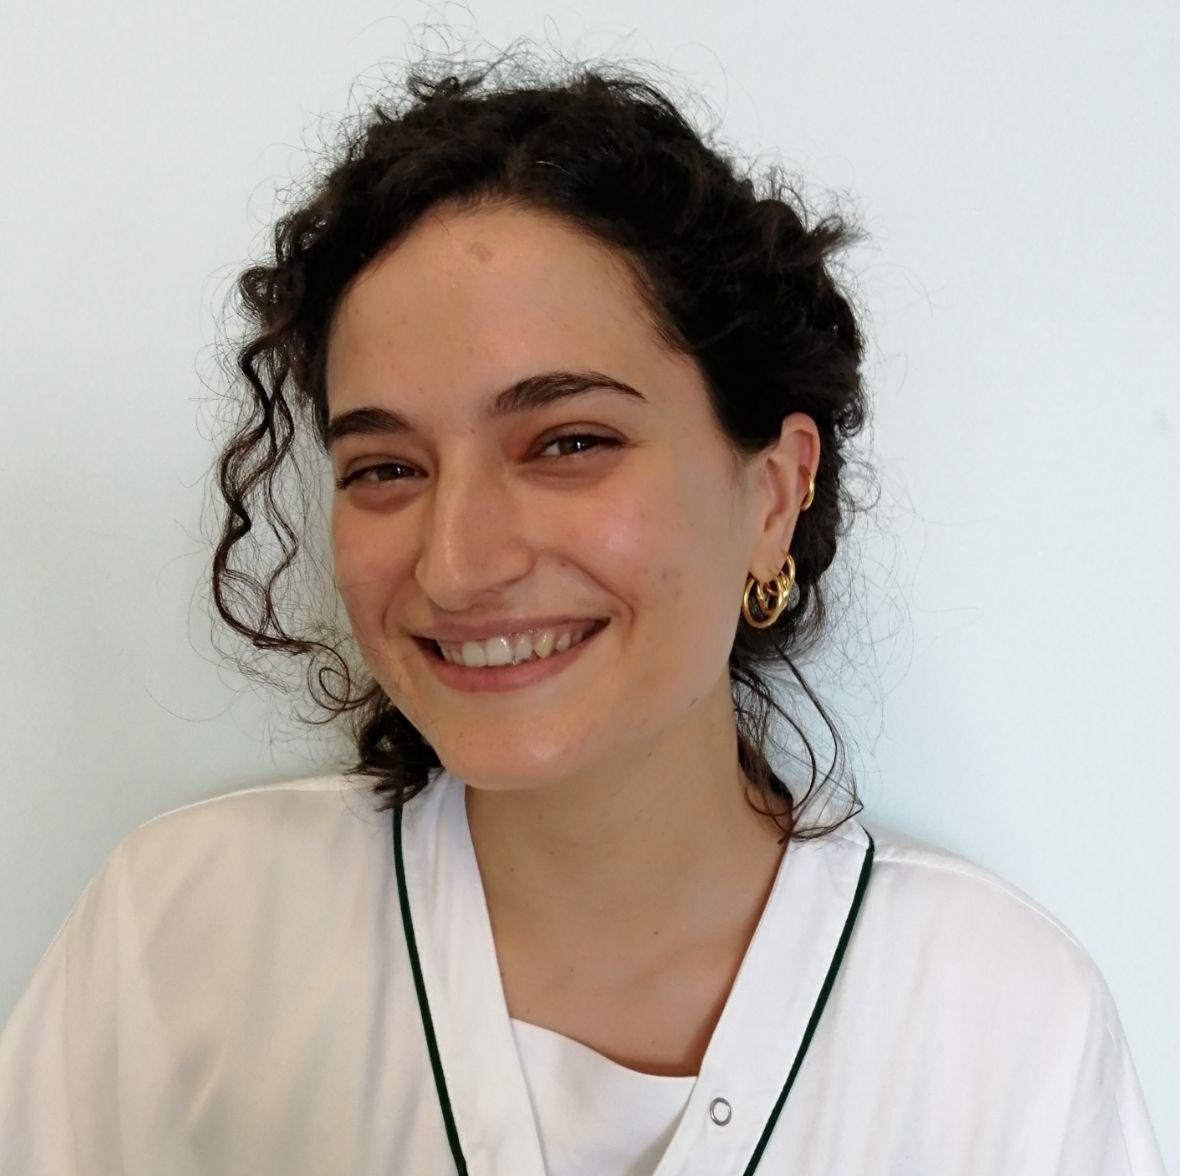 Carlotta Chinaglia